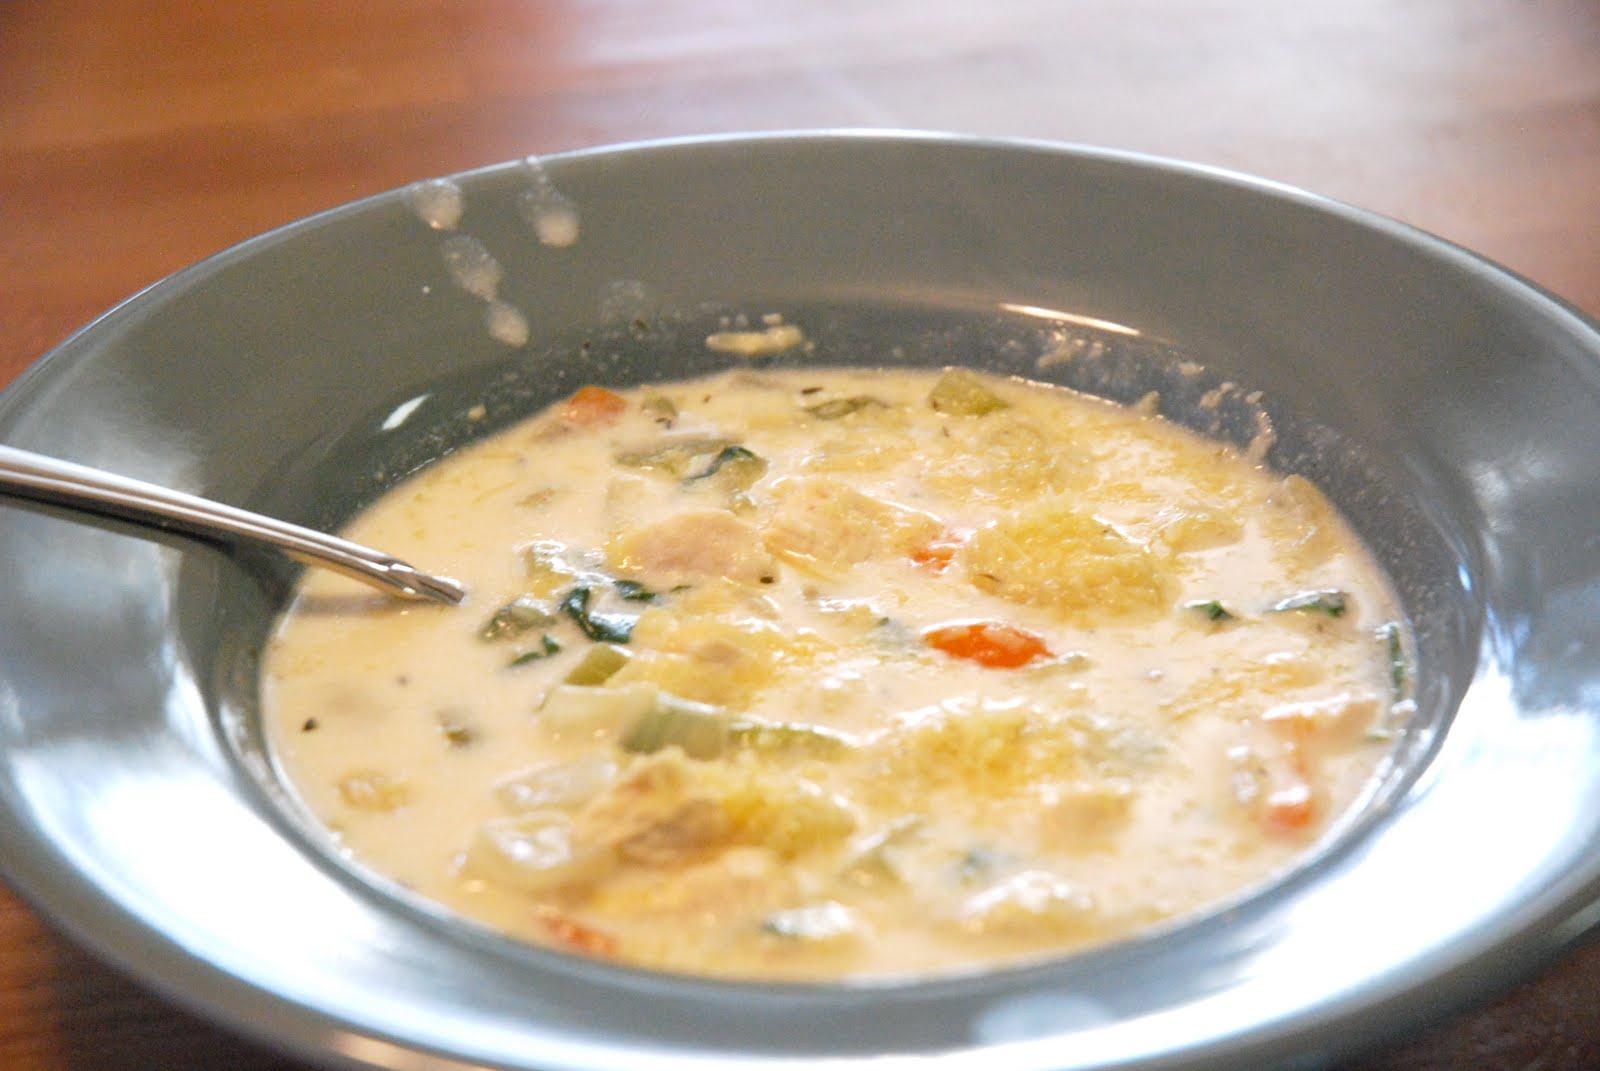 The Matthews Menu Olive Garden Chicken And Gnocchi Soup